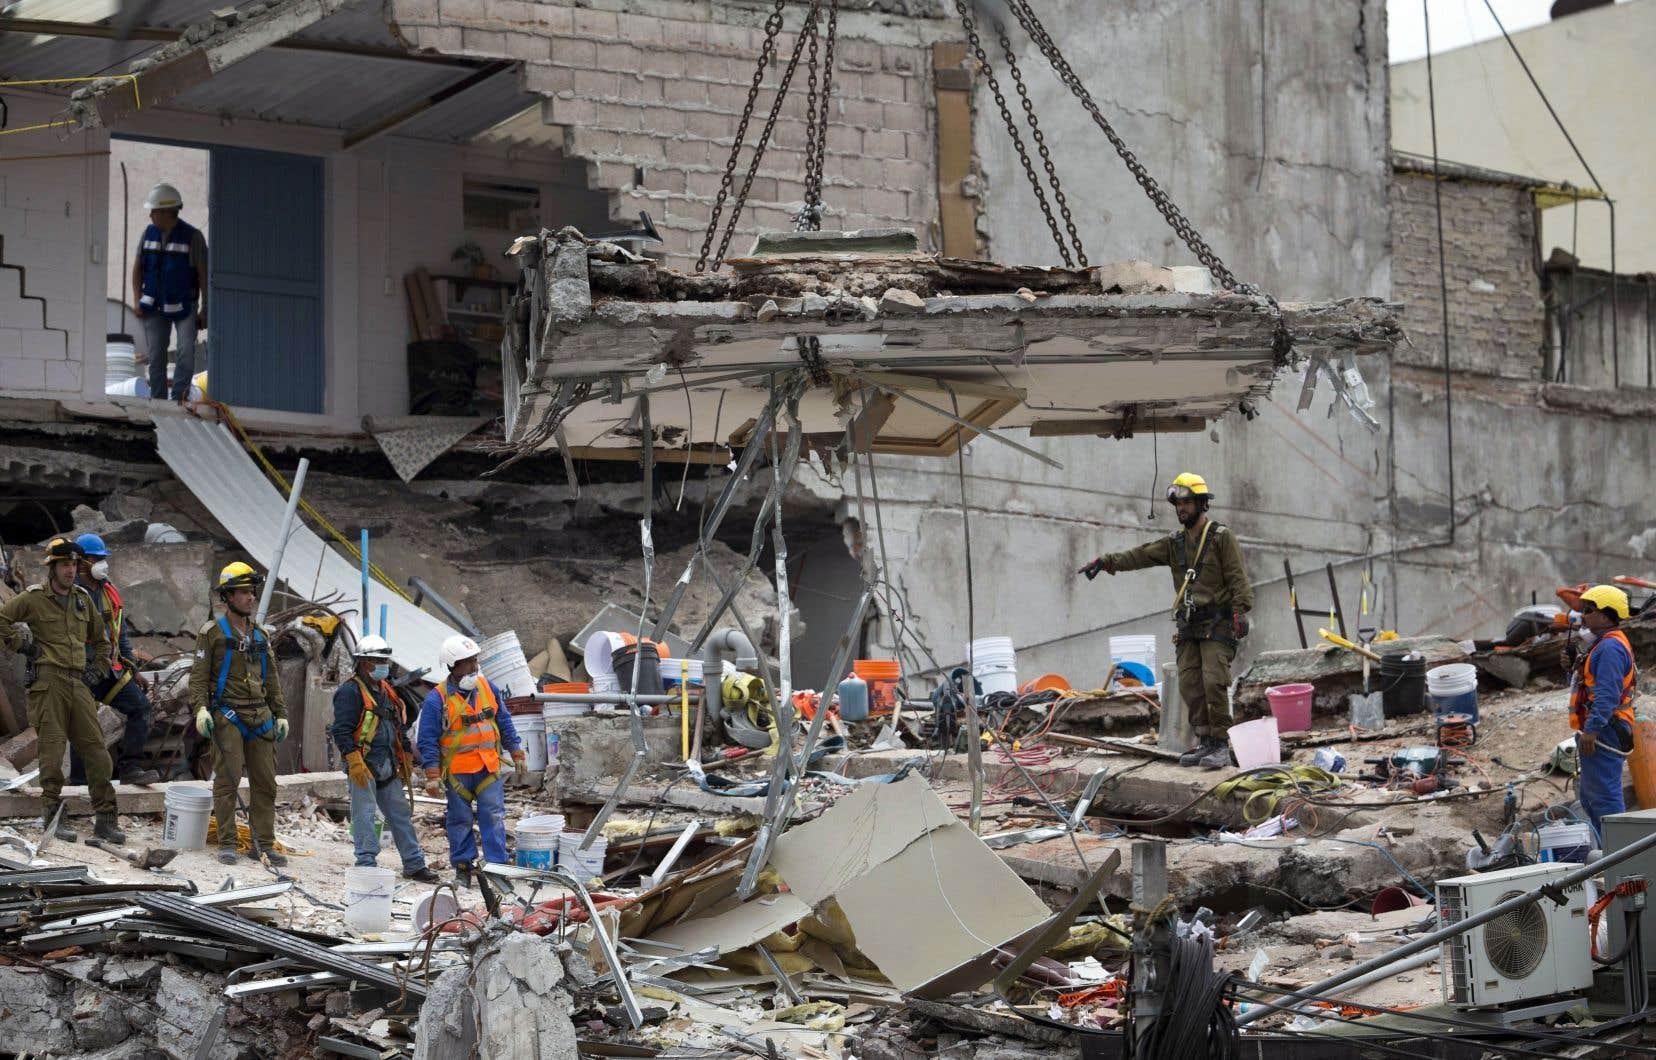 Les activités humaines ont provoqué au moins 729 tremblements de terre au cours des 150 dernières années, selon une étude publiée mercredi dans la revue «Seismological Research Letters».